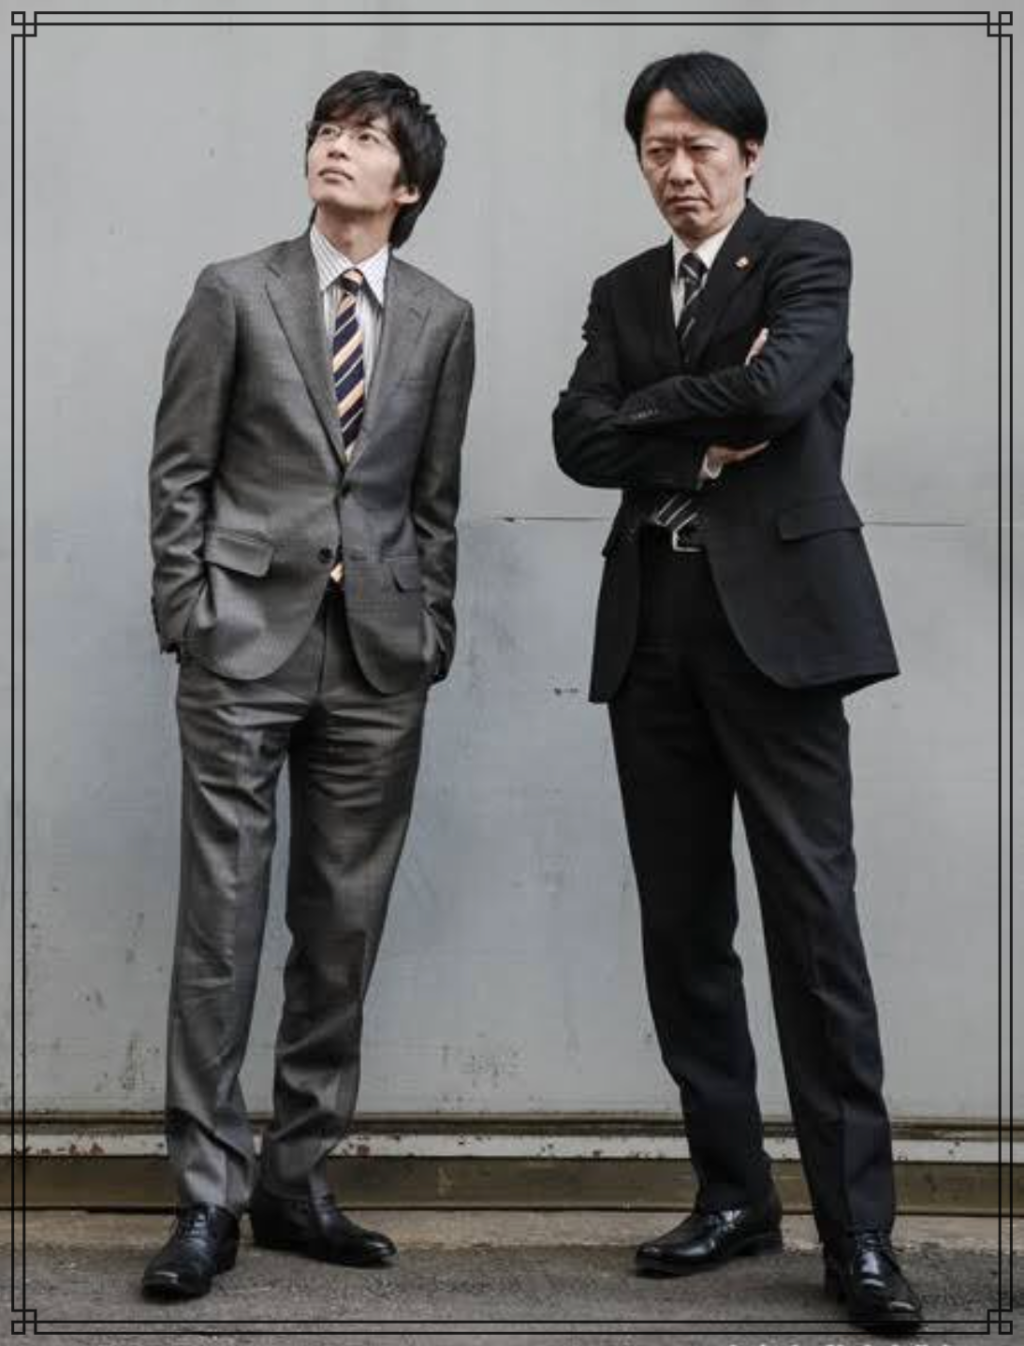 田中圭さんと川原和久さんの全身画像